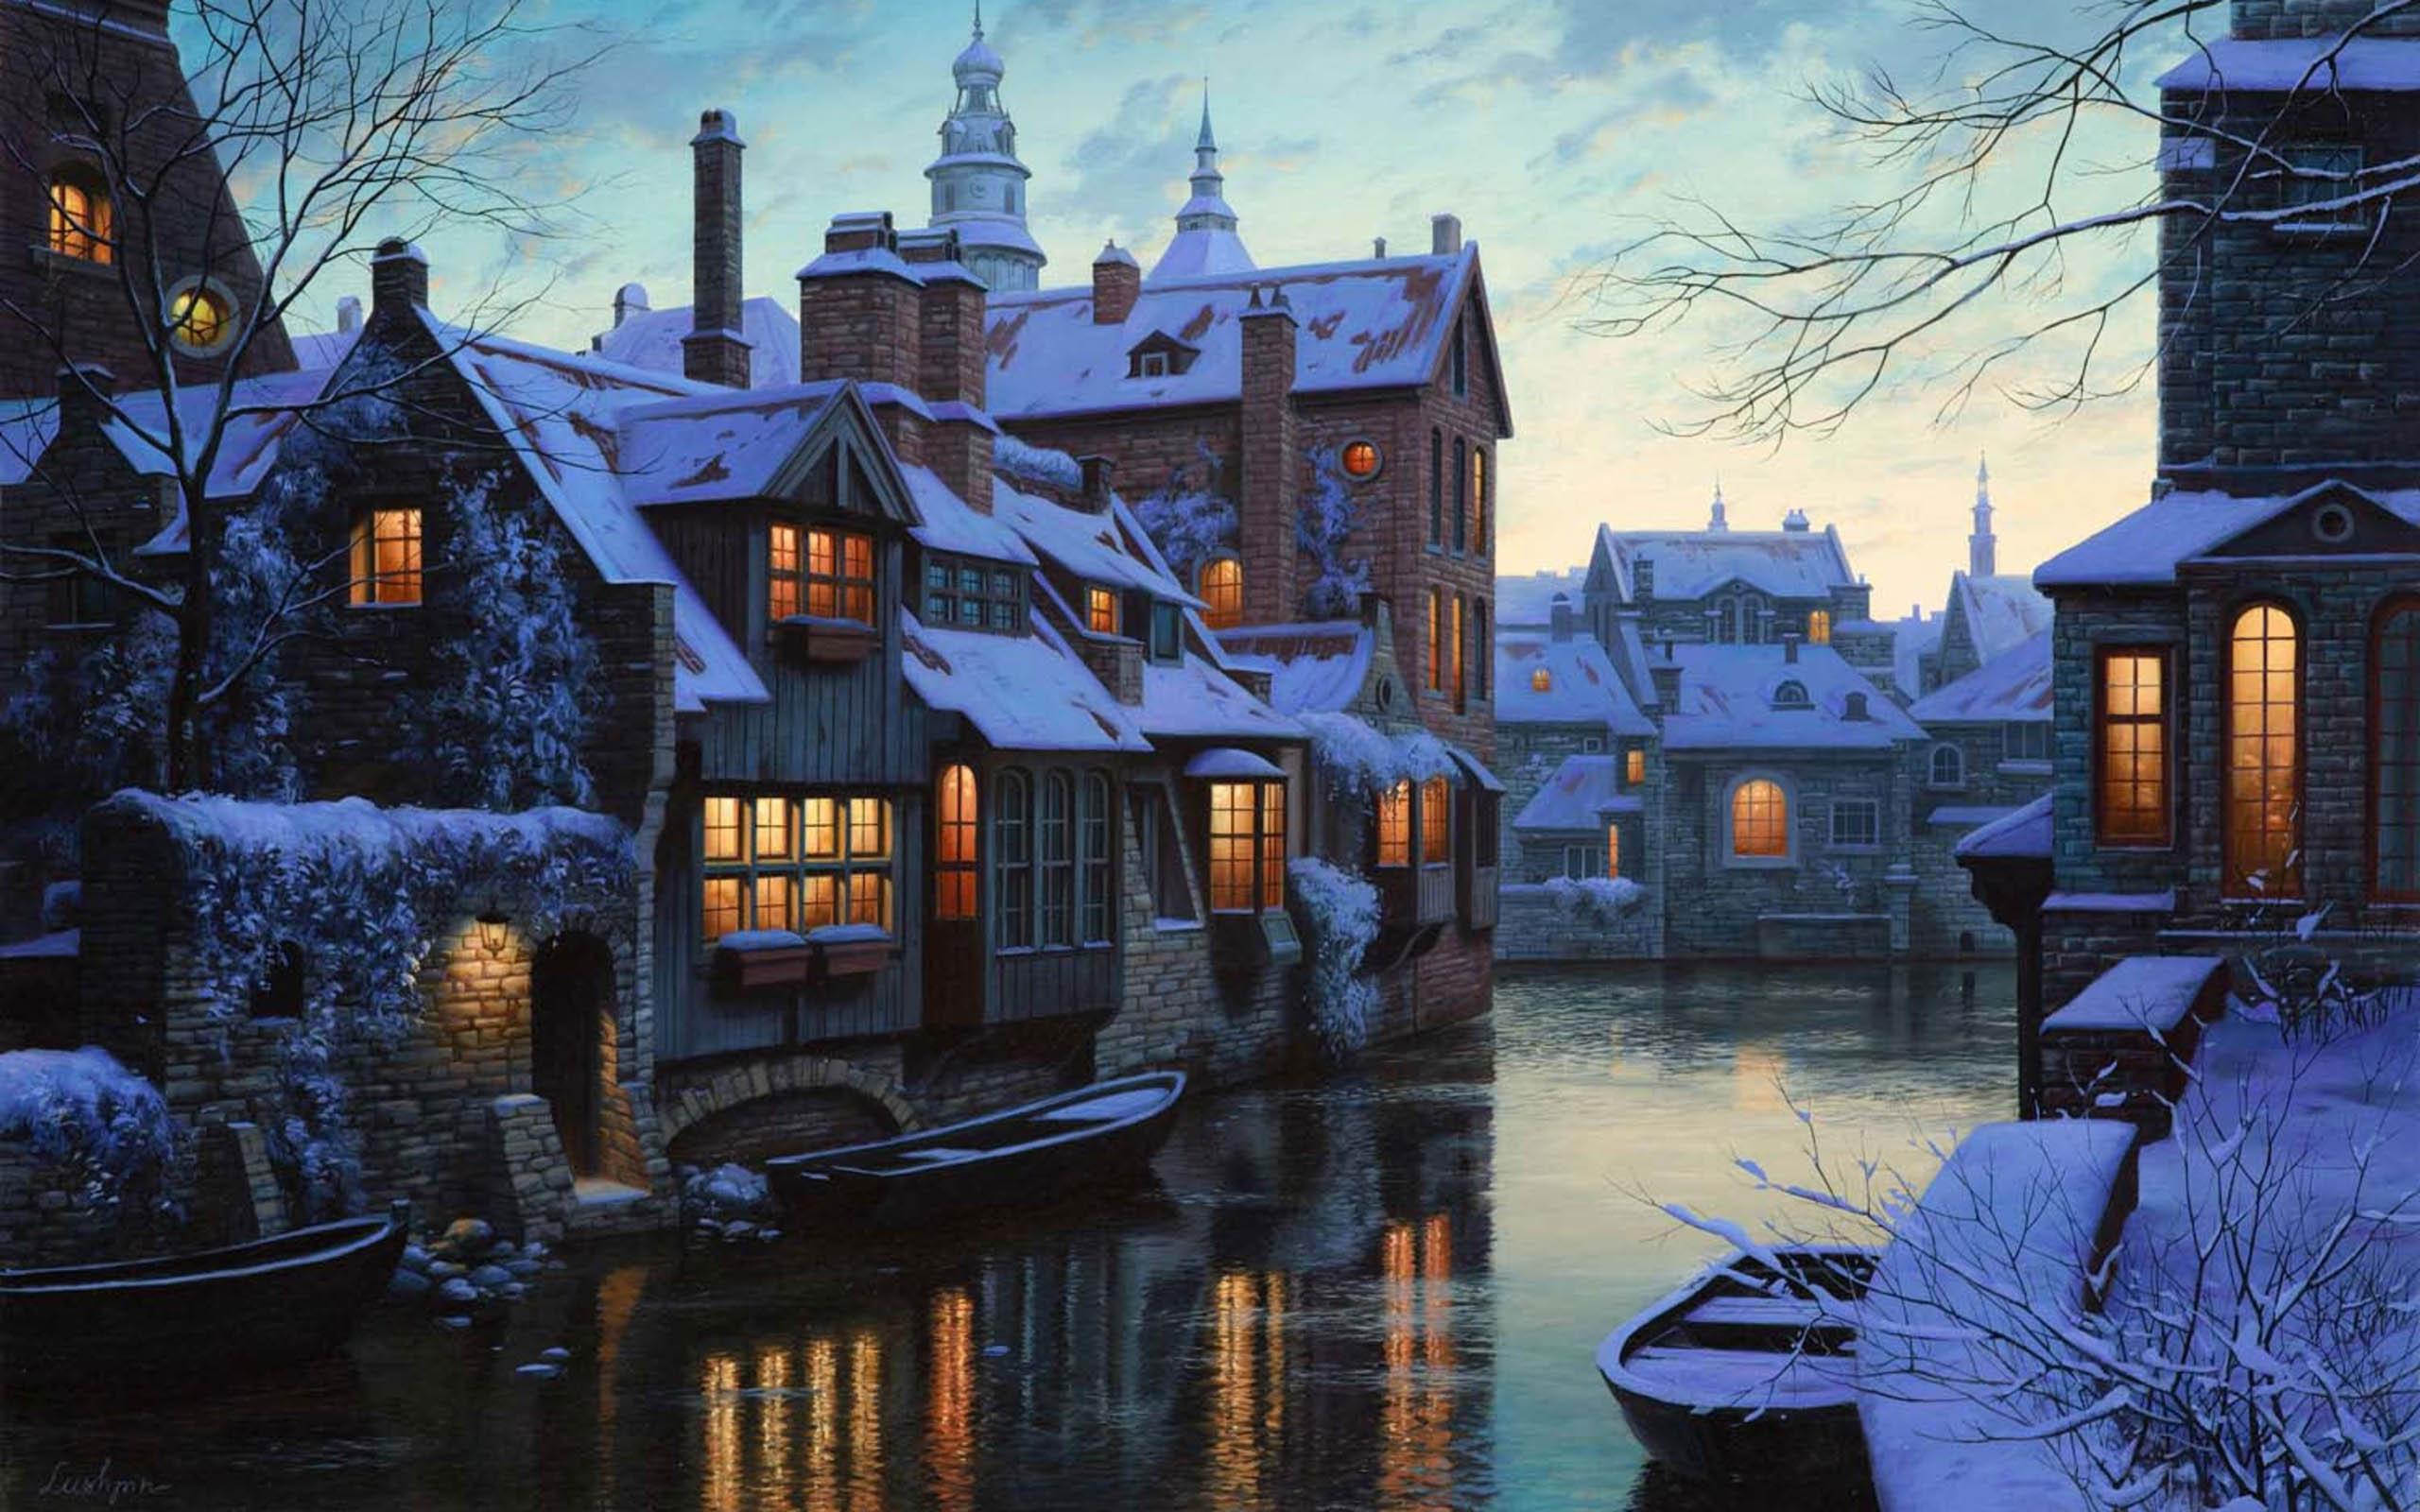 most romantic cities, romantic cities of the world, bruges belgium pics, bruges belgium christmas, belgium travel, europe travel ideas, best places to visit belgium